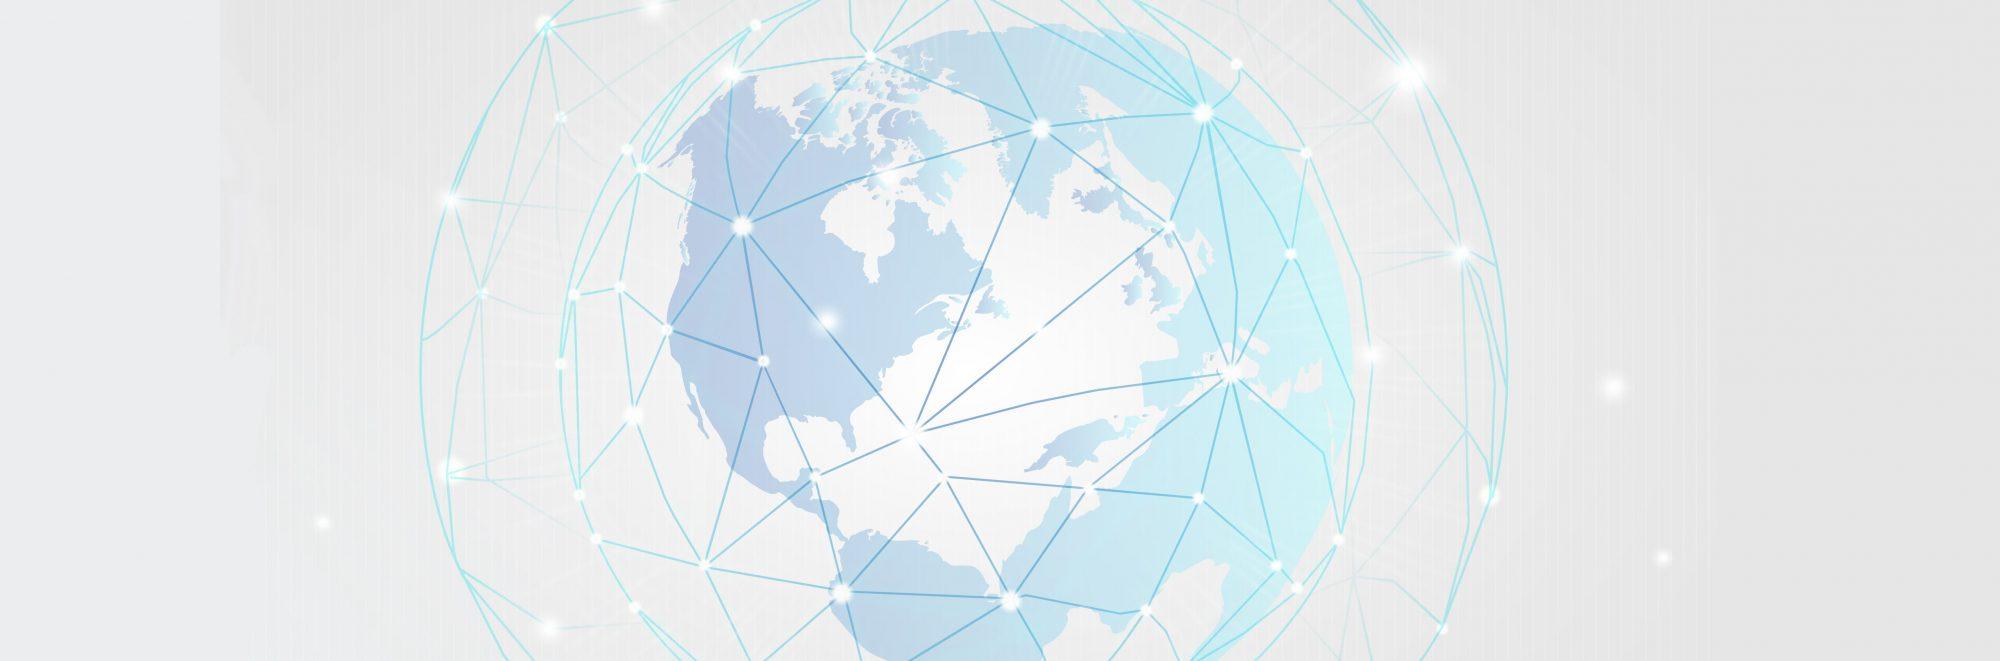 theworldoutline.com